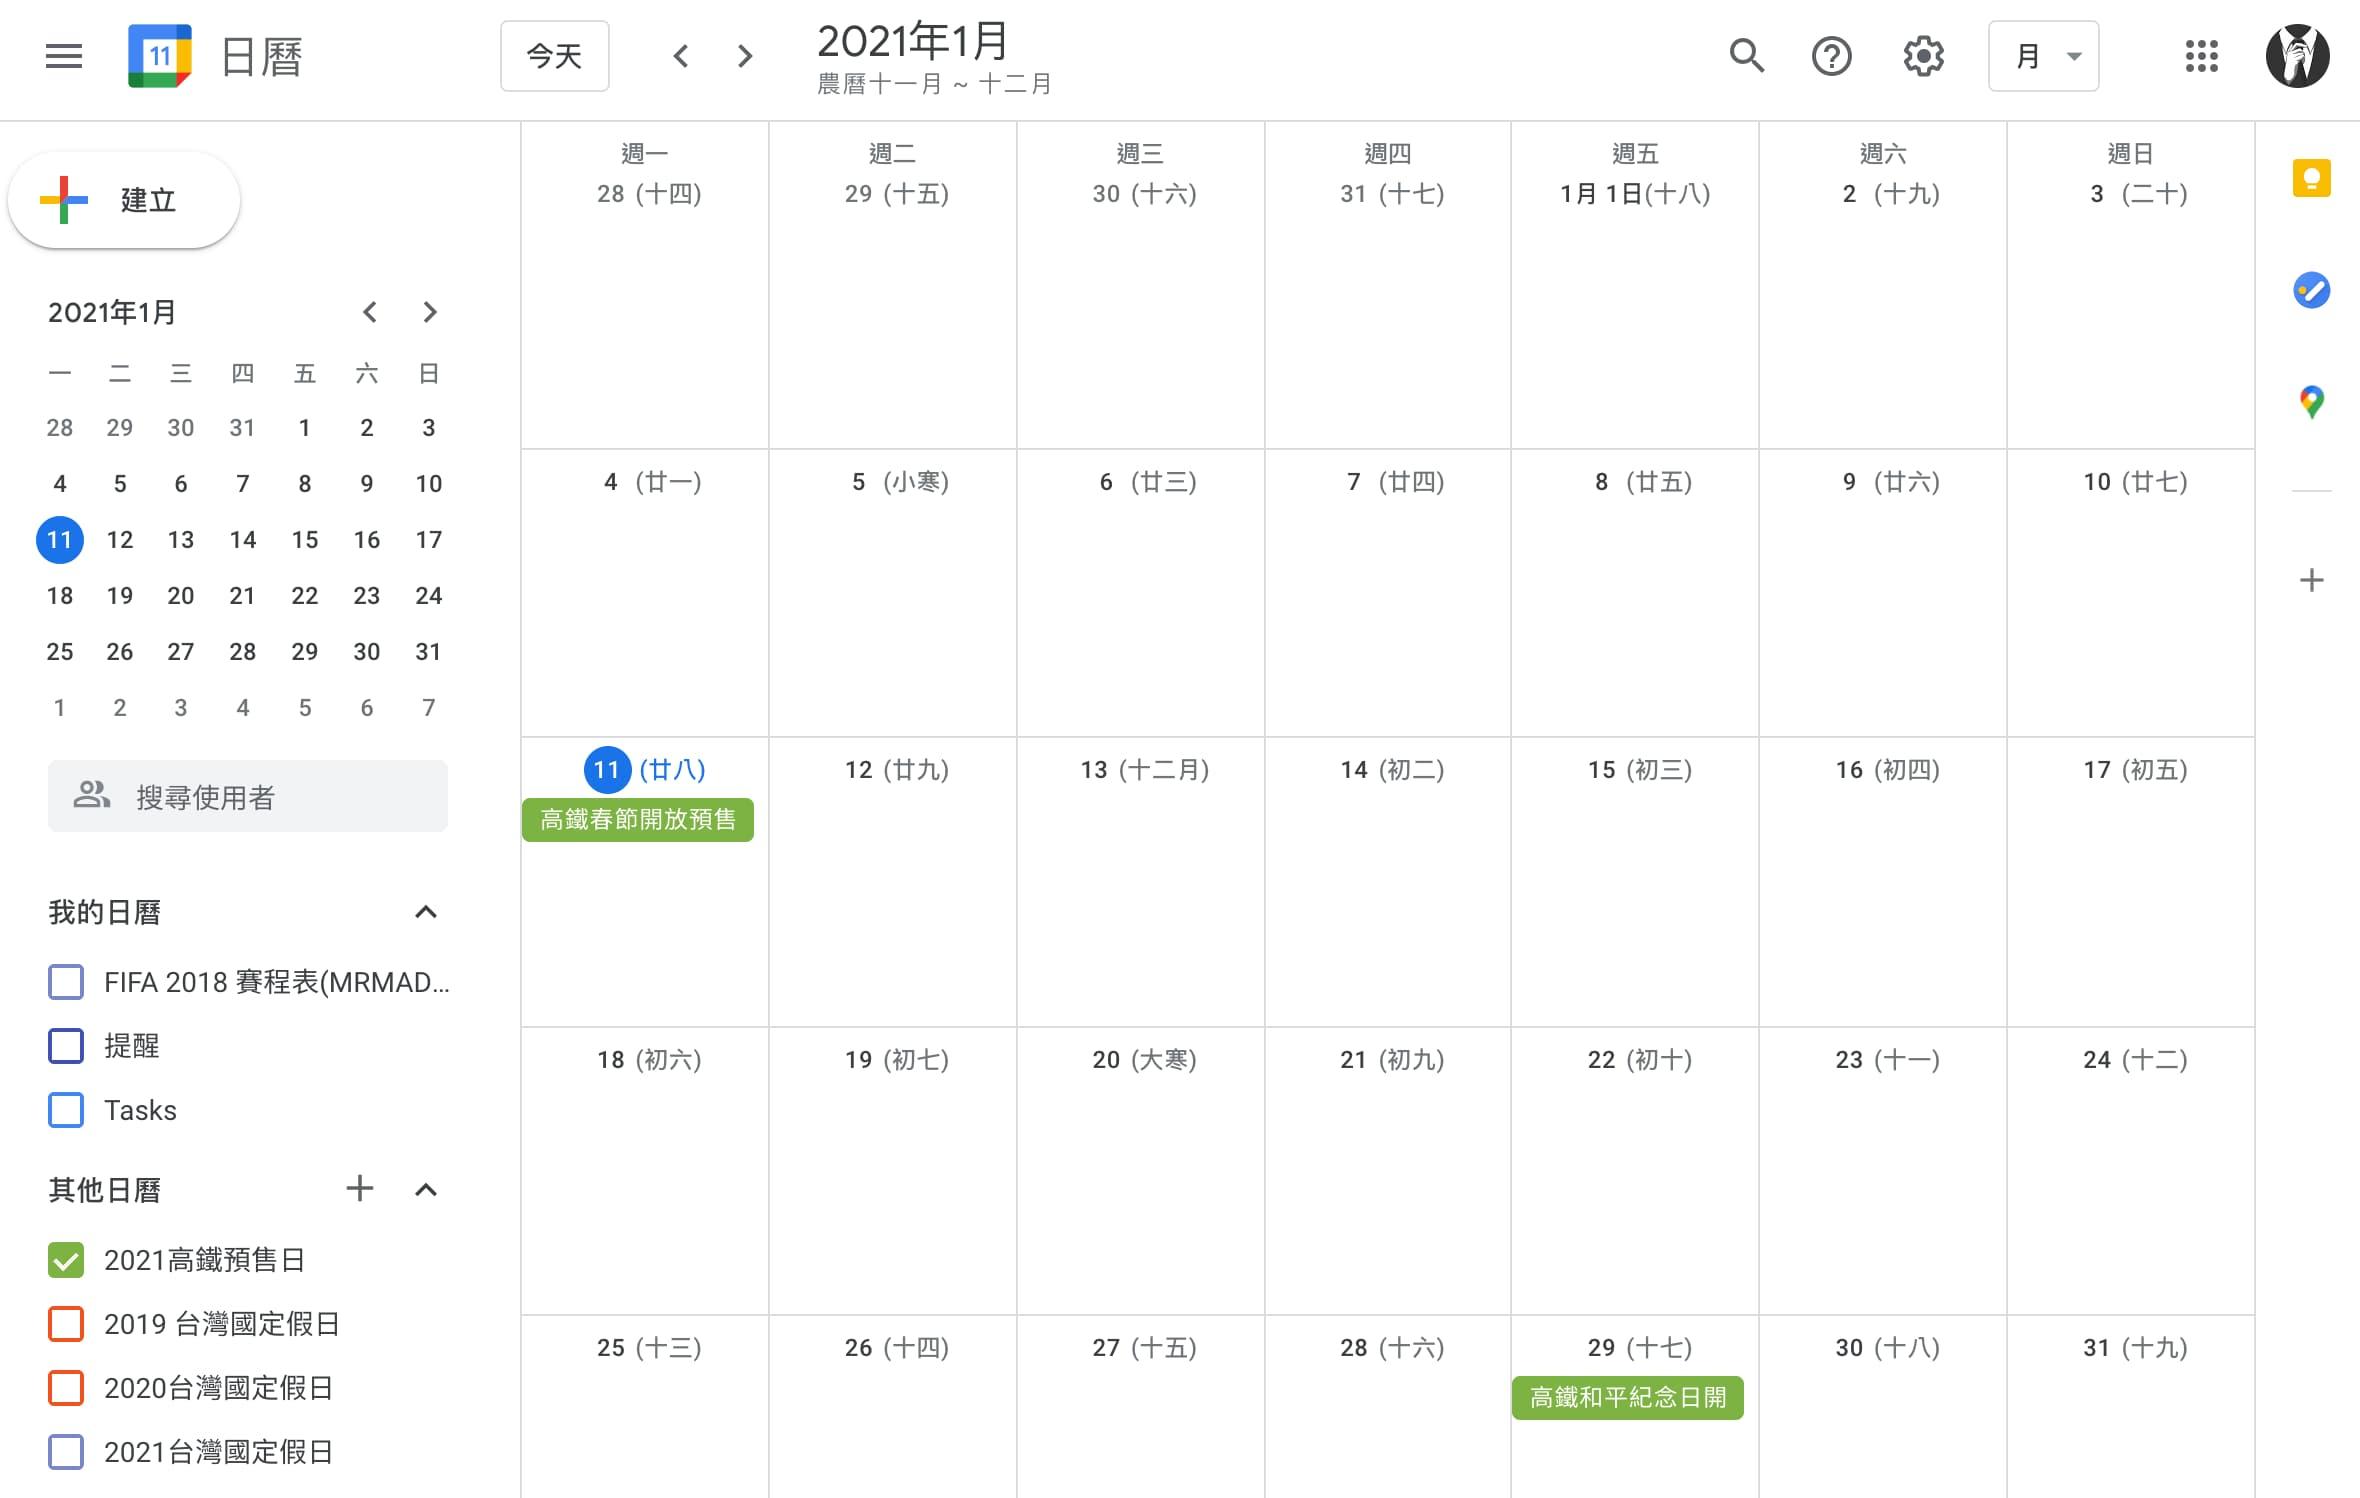 高鐵2021連續假期訂票預售行事曆一鍵加入 iPhone/Android